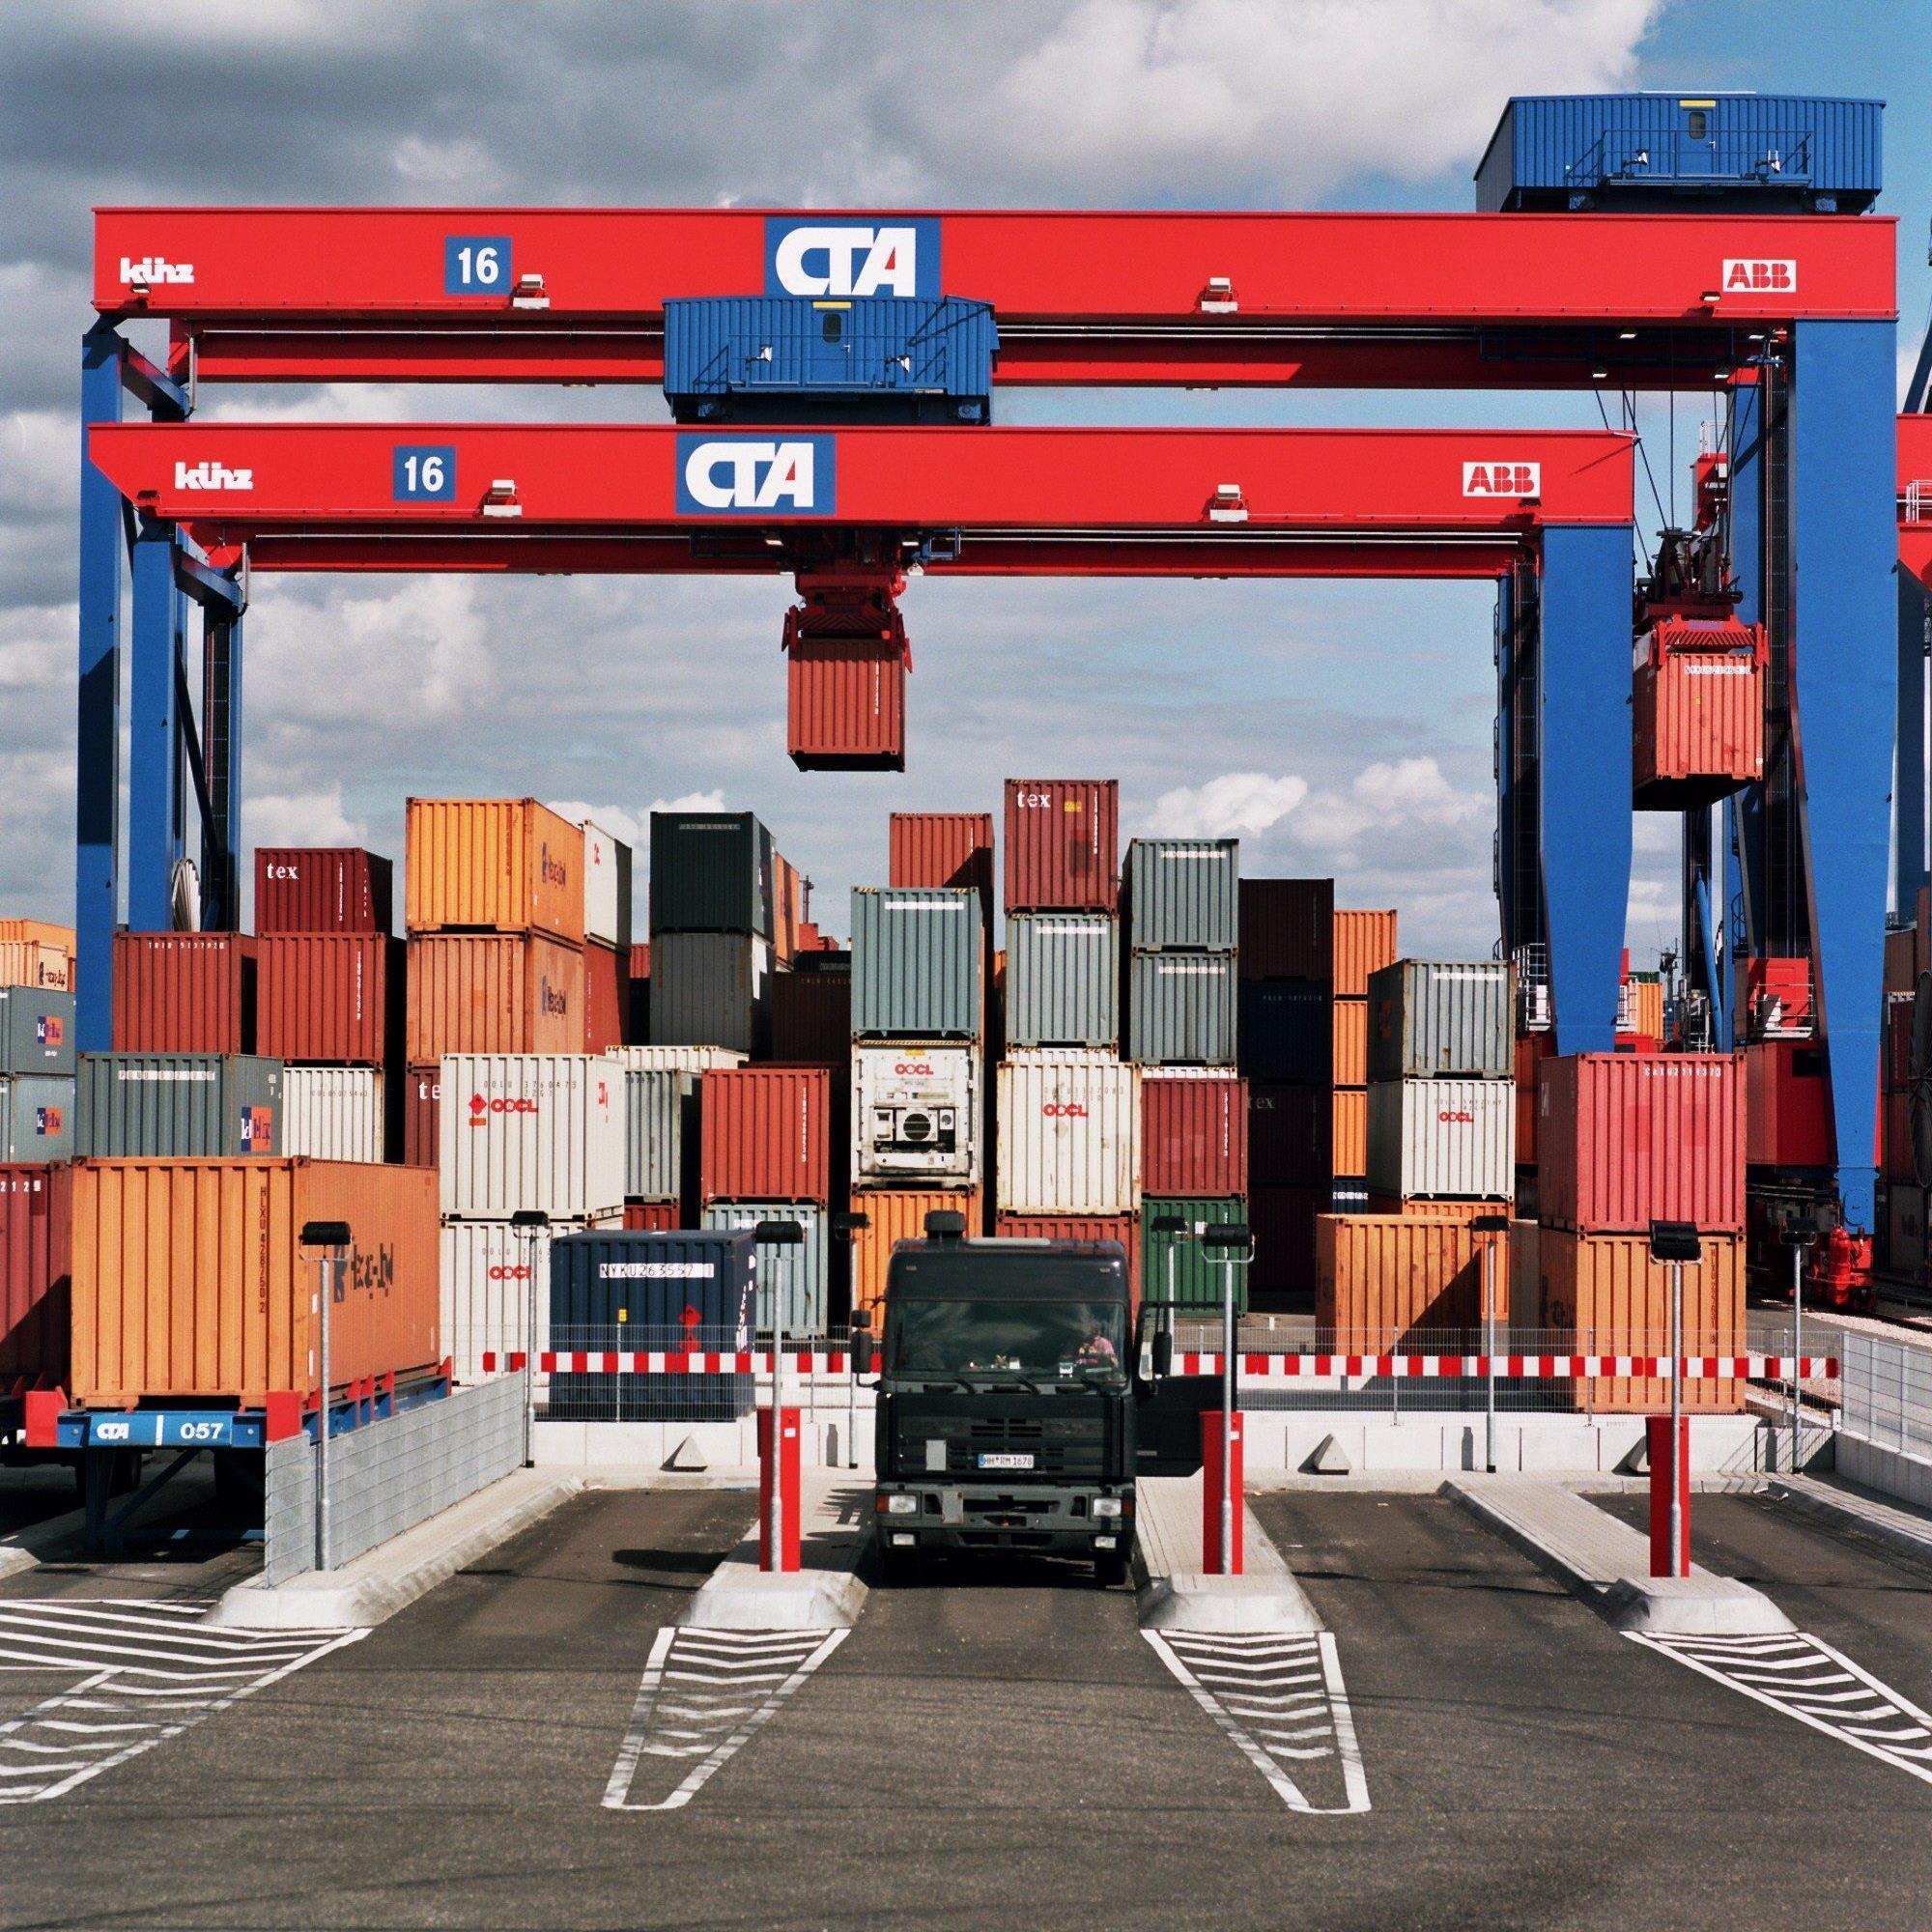 Künz-Stapelkräne am HHLA-Container-Terminal Altenwerder im Hamburger Hafen.